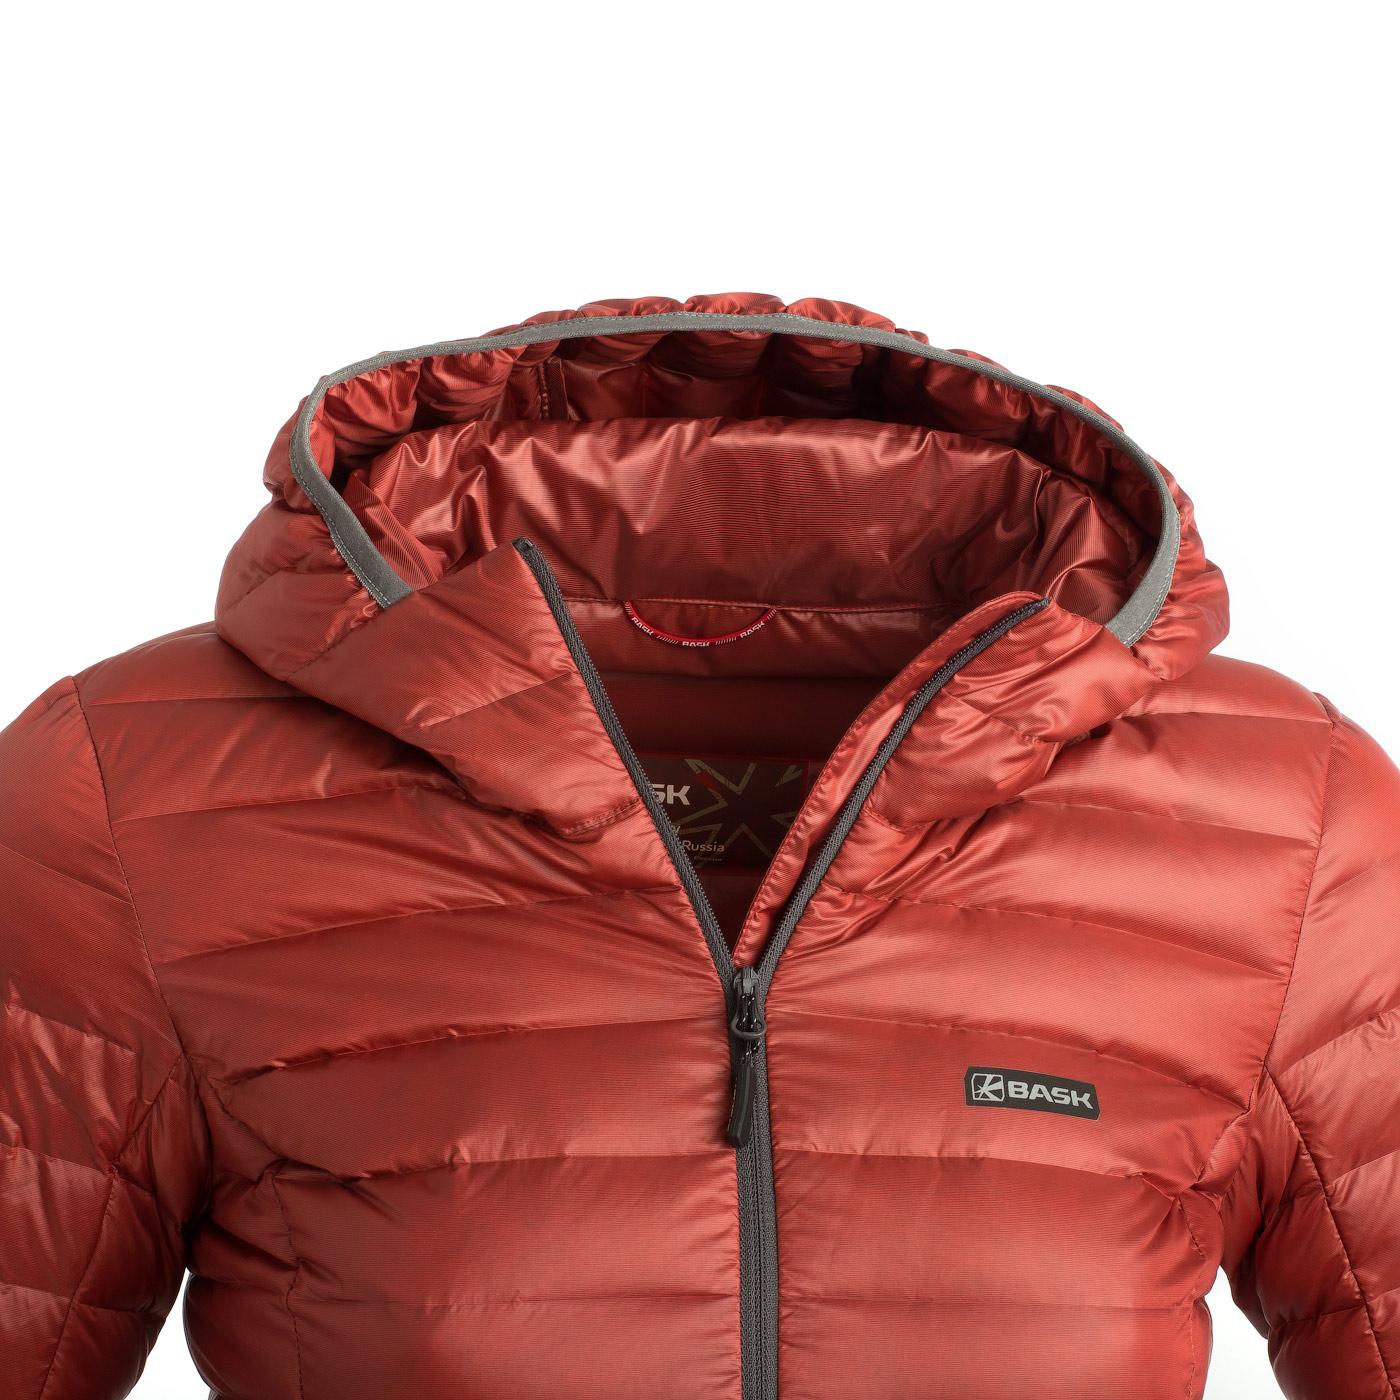 Пуховая куртка BASK CHAMONIX LIGHT LJ 3680Куртки<br><br><br>Верхняя ткань: Advance® Superior<br>Вес граммы: 350<br>Вес утеплителя: 120<br>Ветро-влагозащитные свойства верхней ткани: Да<br>Ветрозащитная планка: Да<br>Ветрозащитная юбка: Нет<br>Влагозащитные молнии: Нет<br>Внутренние манжеты: Нет<br>Внутренняя ткань: Advance® Superior<br>Дублирующий центральную молнию клапан: Нет<br>Защитный козырёк капюшона: Нет<br>Капюшон: Несъемный<br>Карман для средств связи: Нет<br>Количество внешних карманов: 2<br>Количество внутренних карманов: 1<br>Мембрана: Нет<br>Объемный крой локтевой зоны: Нет<br>Отстёгивающиеся рукава: Нет<br>Показатель Fill Power (для пуховых изделий): 800<br>Пол: Женский<br>Проклейка швов: Нет<br>Регулировка манжетов рукавов: Нет<br>Регулировка низа: Да<br>Регулировка объёма капюшона: Да<br>Регулировка талии: Нет<br>Регулируемые вентиляционные отверстия: Нет<br>Световозвращающая лента: Нет<br>Температурный режим: -10<br>Технология Thermal Welding: Нет<br>Технология швов: Простые<br>Тип молнии: Однозамковая<br>Тип утеплителя: Натуральный<br>Ткань усиления: нет<br>Усиление контактных зон: Нет<br>Утеплитель: Гусиный пух<br>Размер RU: 44<br>Цвет: КРАСНЫЙ